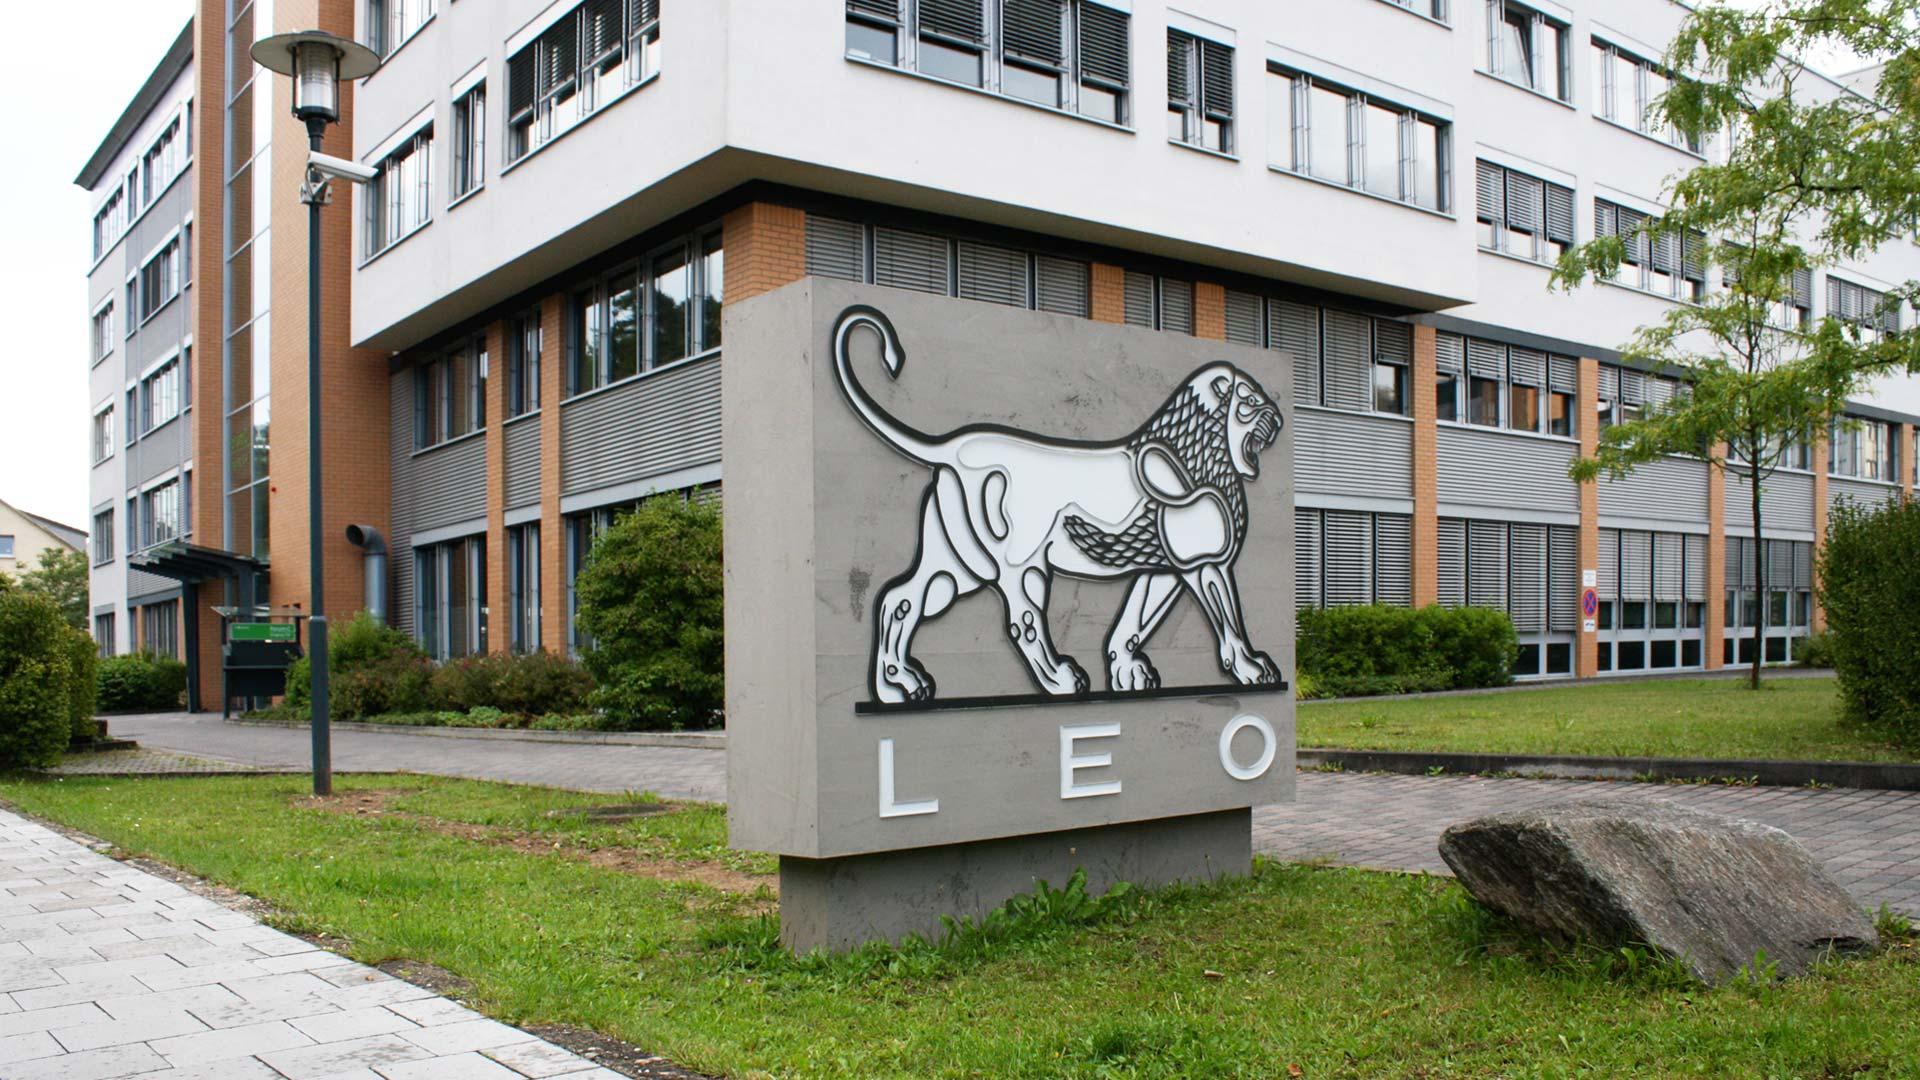 MAASS-Lichtplanung_Lichtwerbung für die LEO Pharma GmbH__MAASS-Leo-Pharma-002